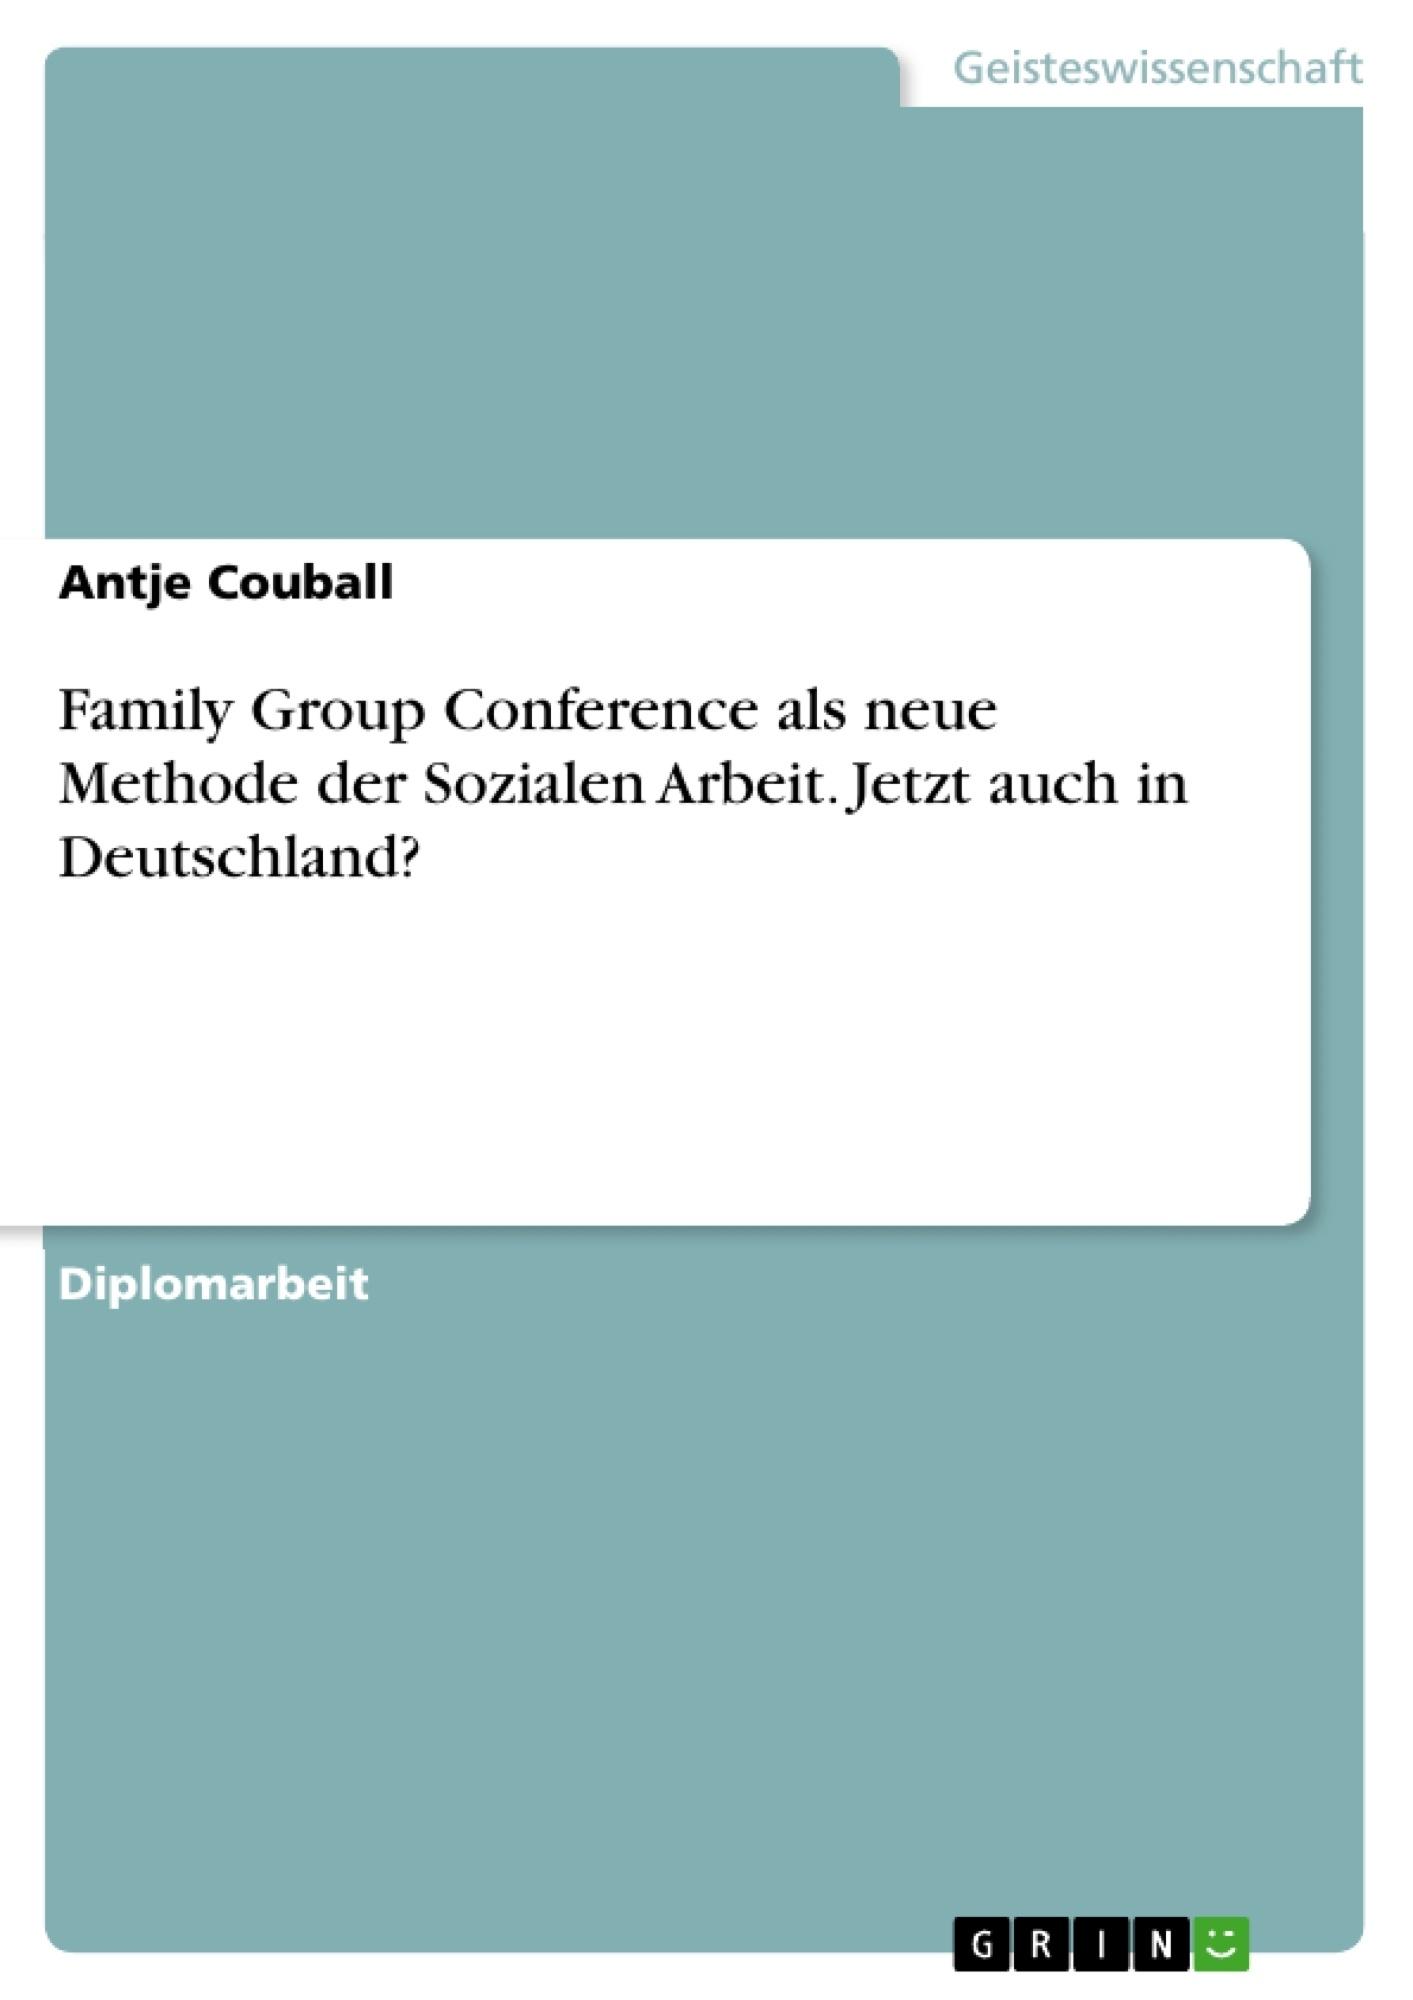 Titel: Family Group Conference als neue Methode der Sozialen Arbeit. Jetzt auch in Deutschland?